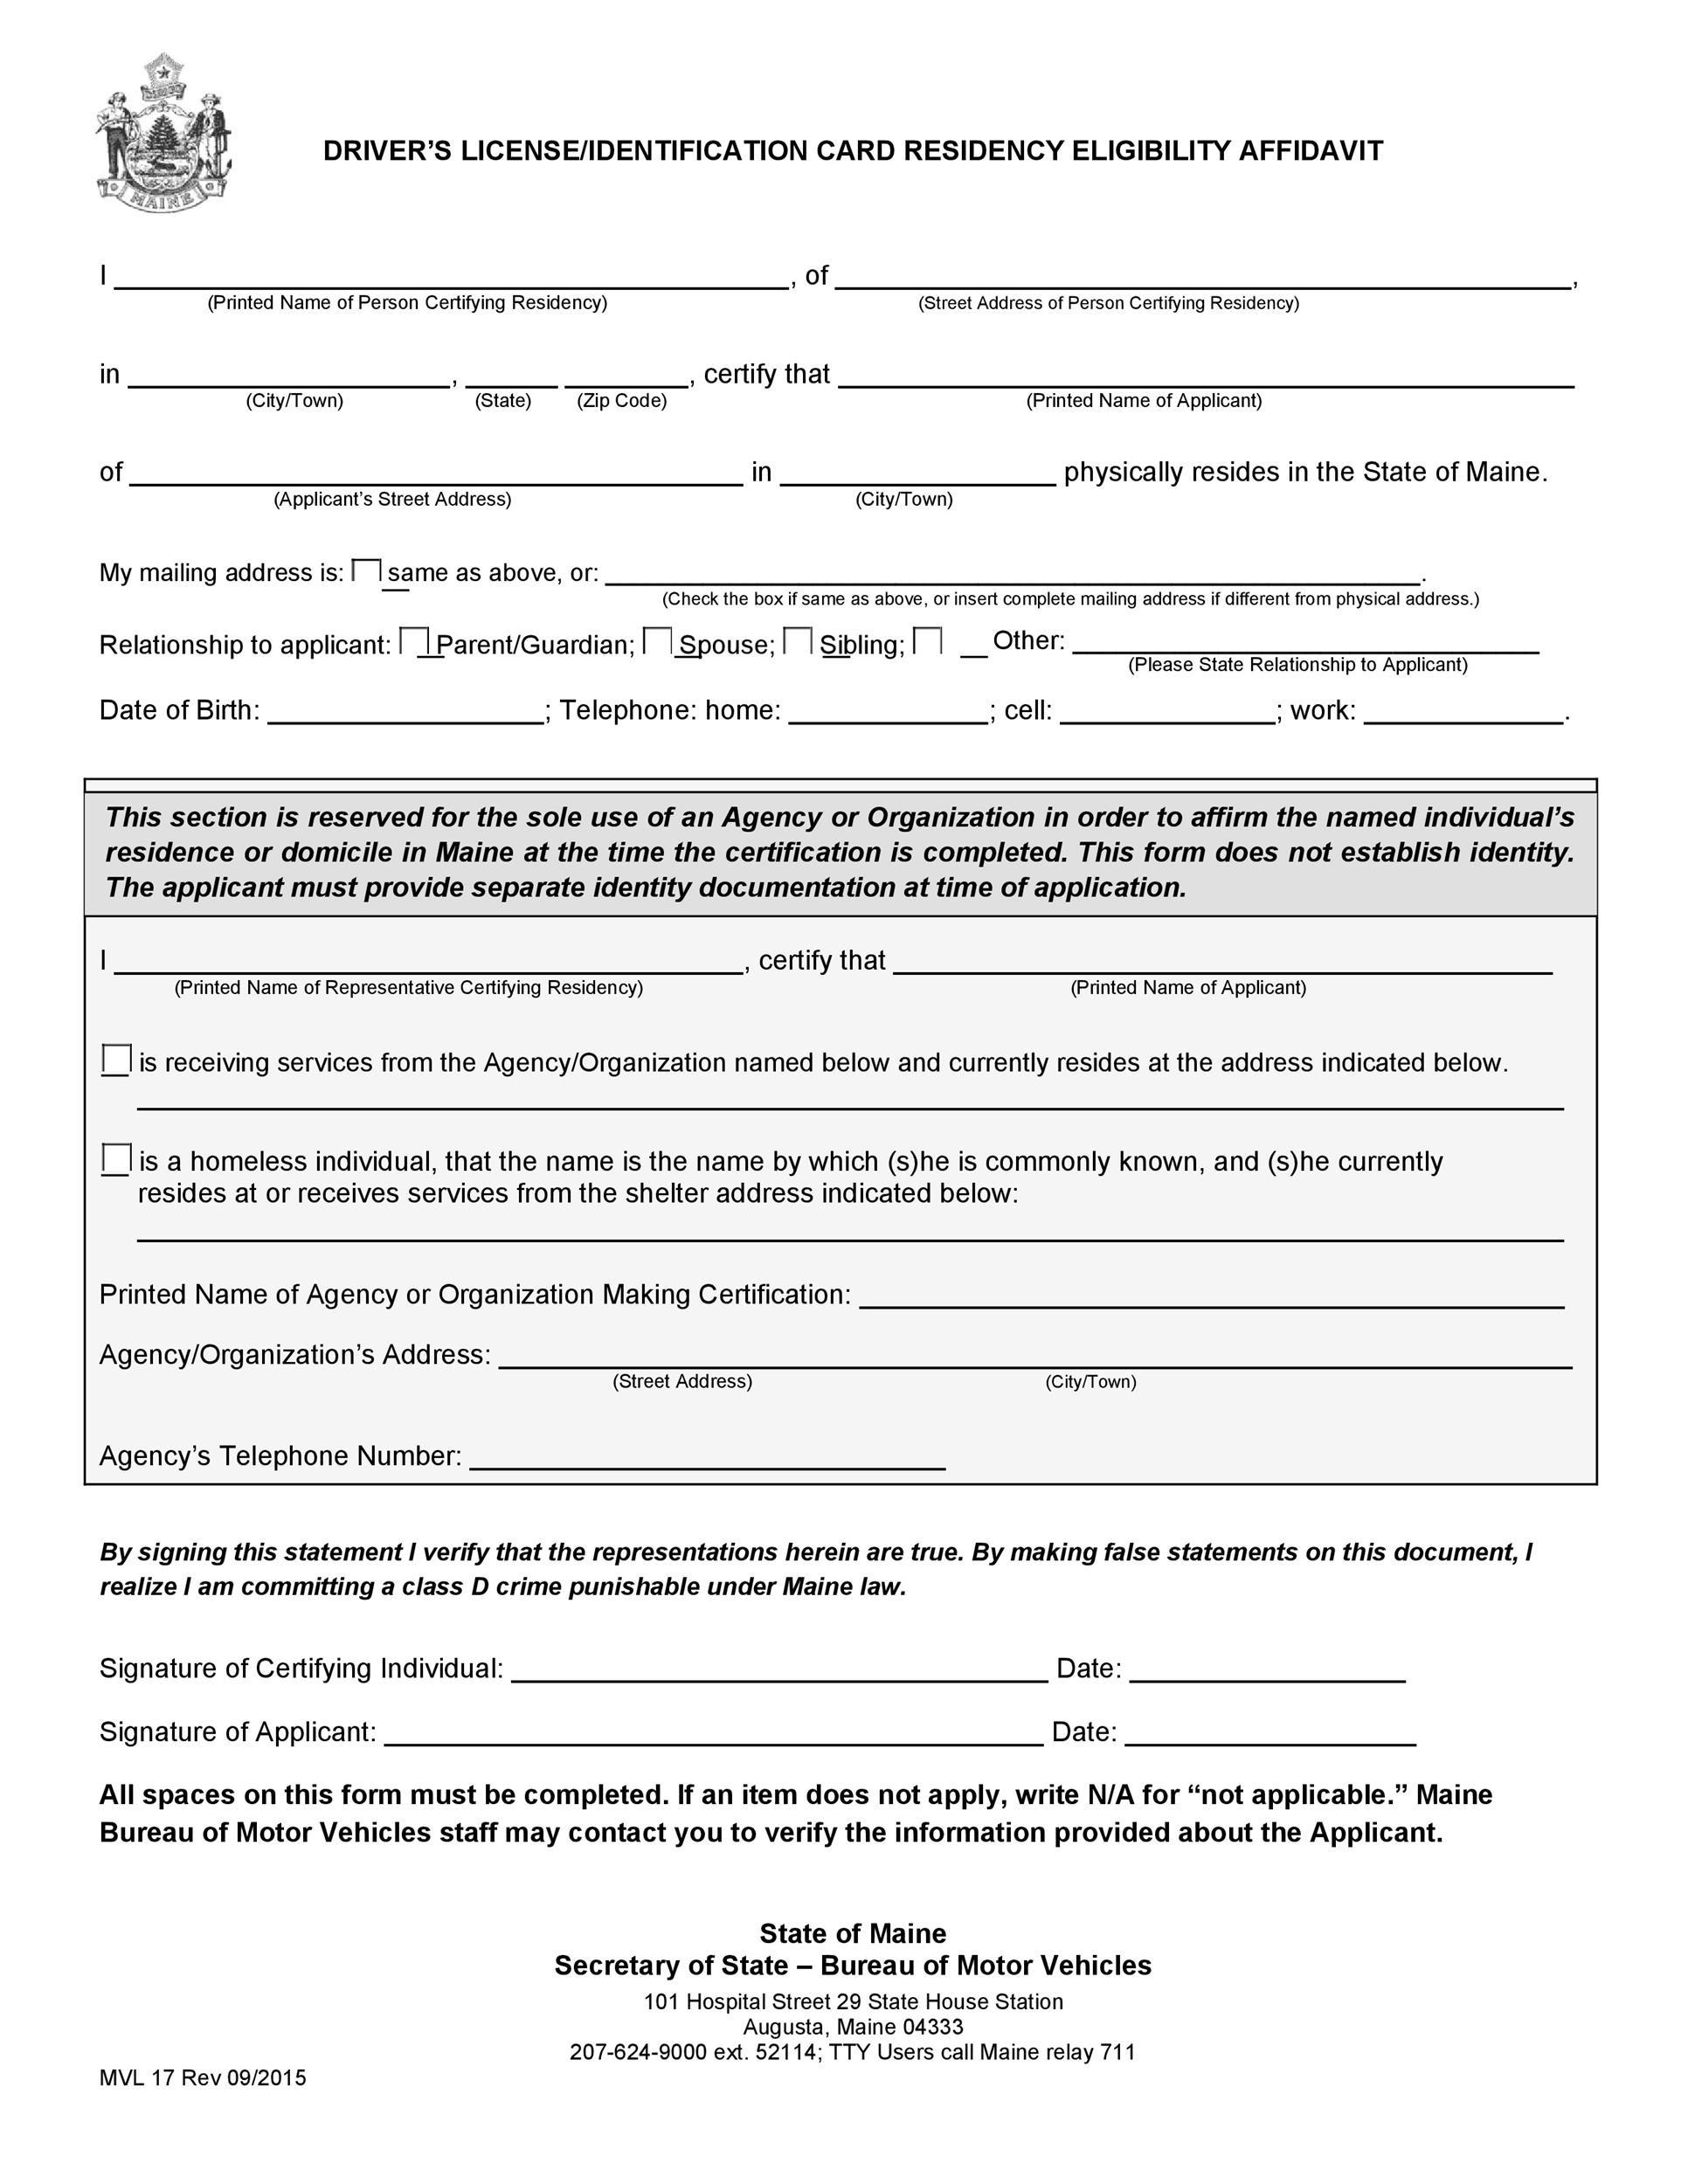 Free affidavit of identity 28